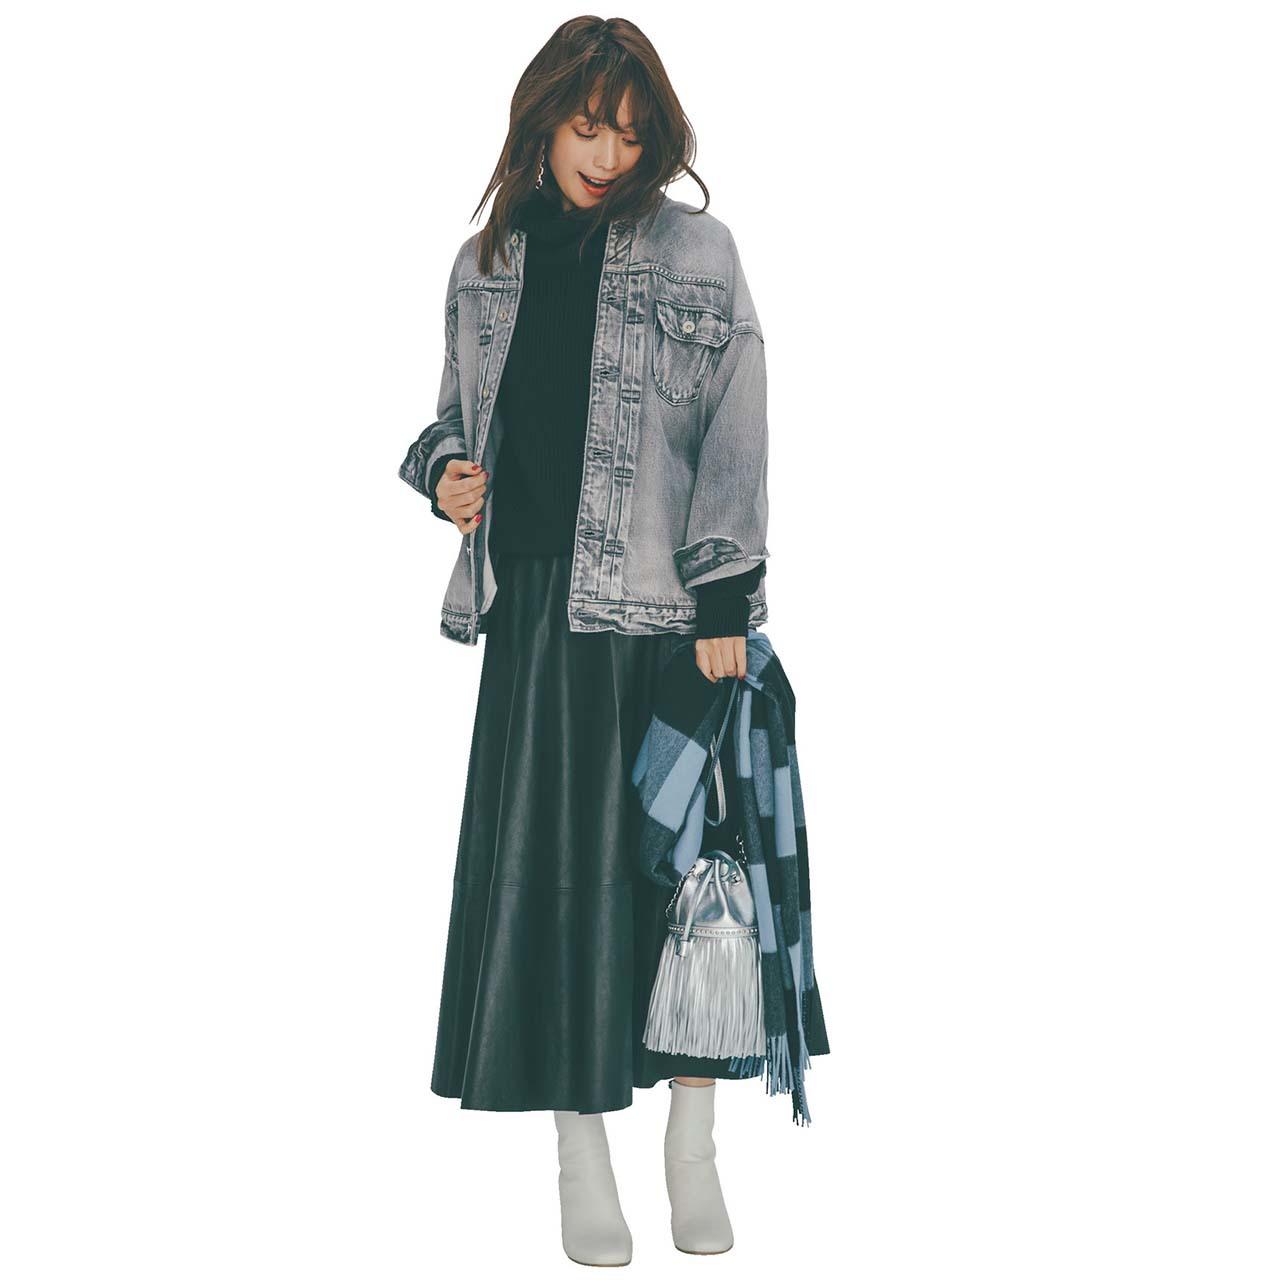 デニムジャケット×ツヤのあるレザースカートコーデを着たモデルの蛯原友里さん